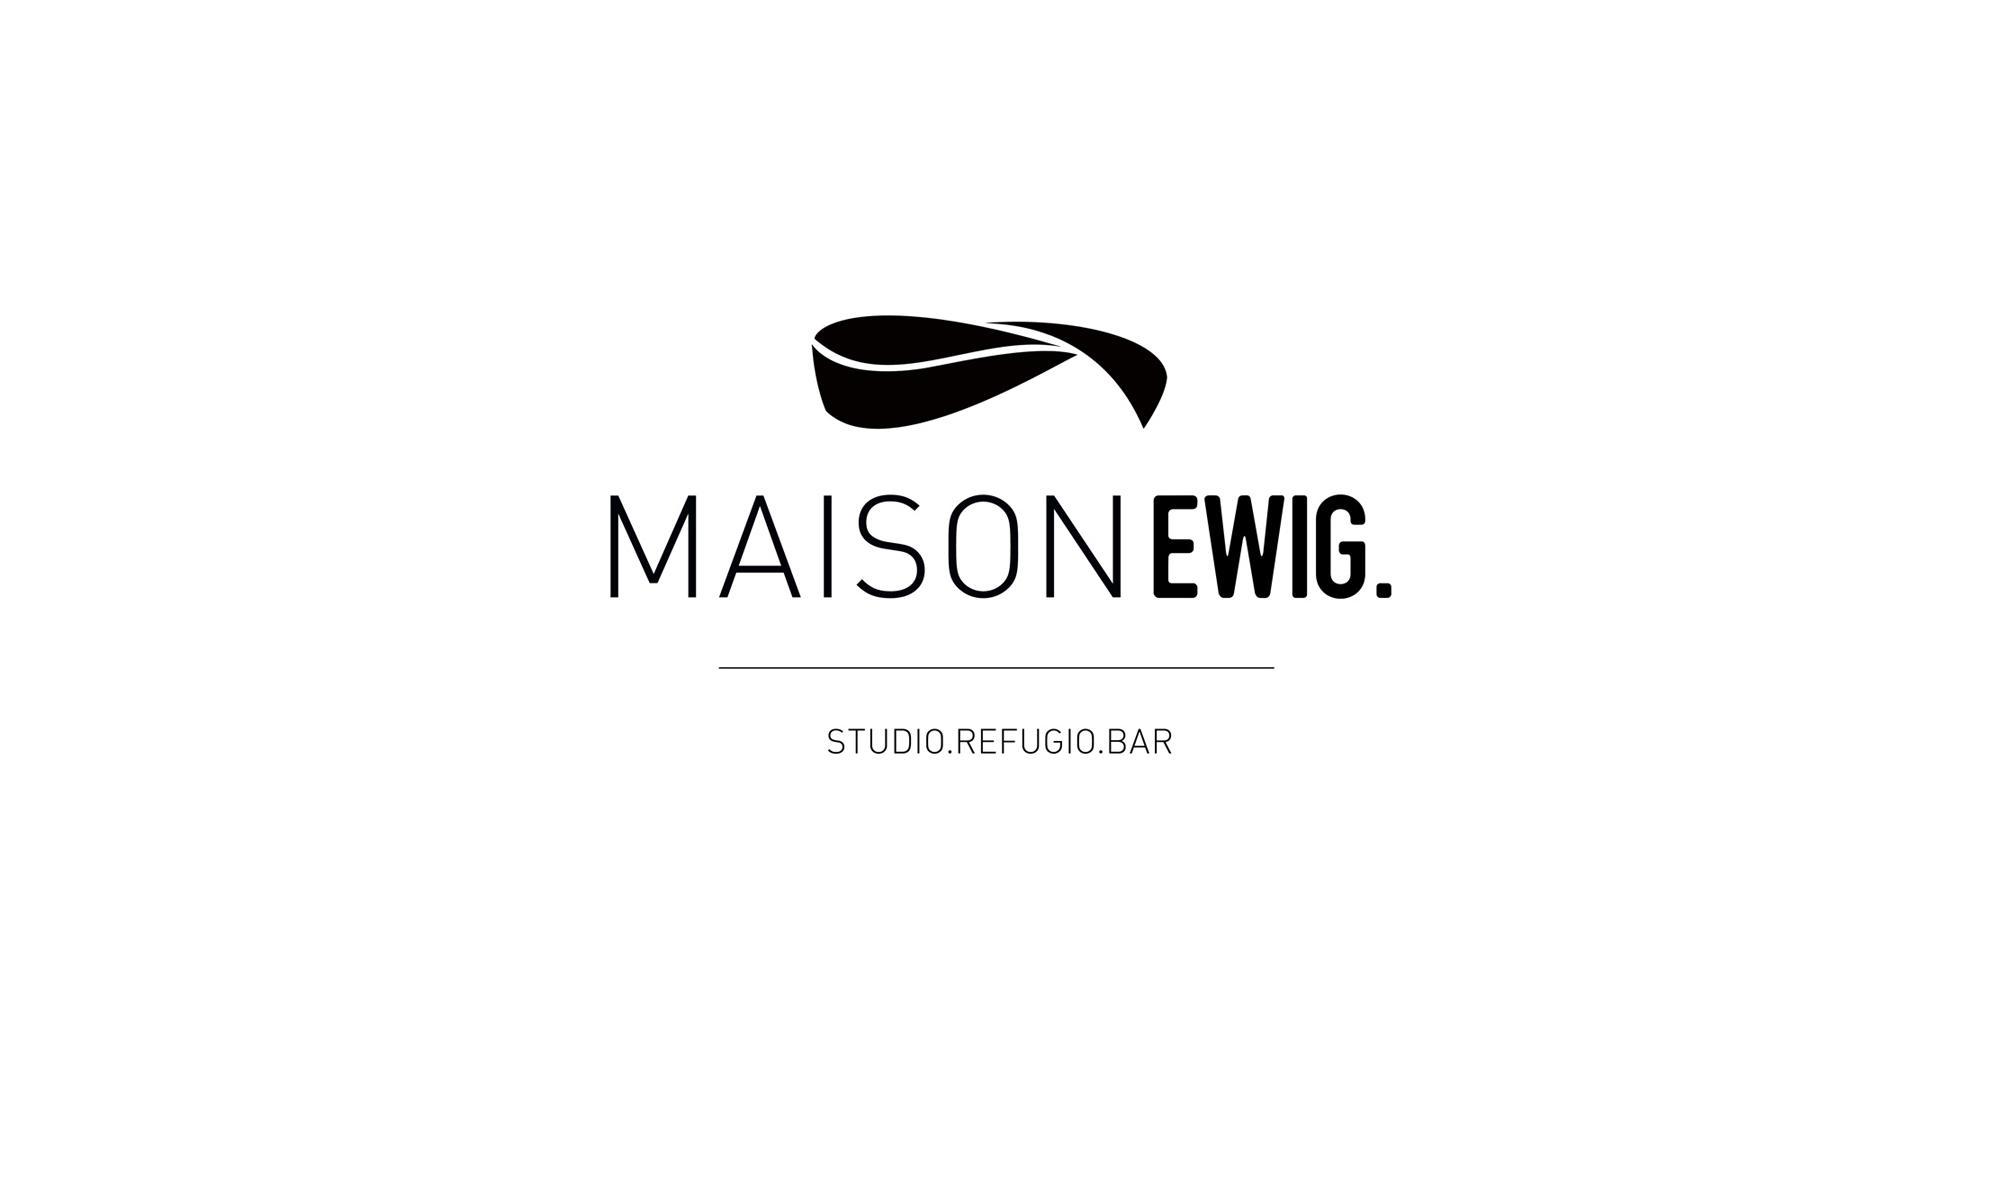 MAISON EWIG.